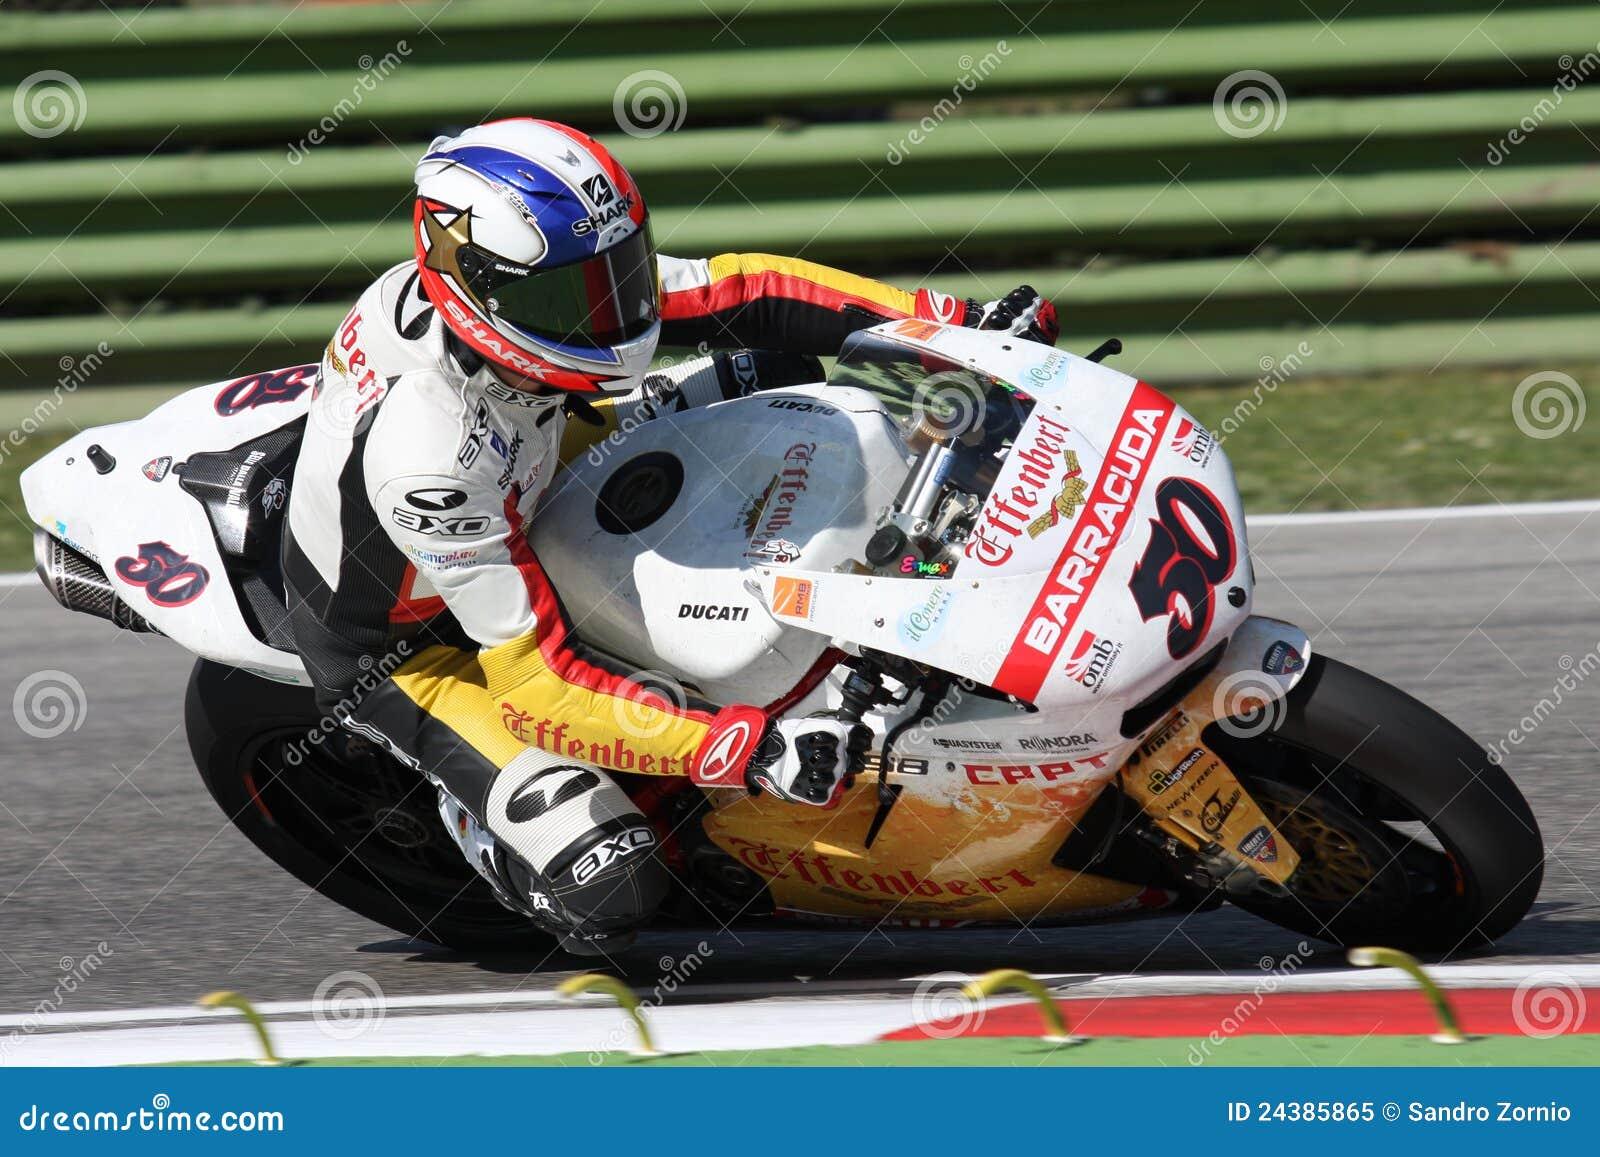 Sylvain Guintoli - Ducati1098R - Effenbert Freiheit